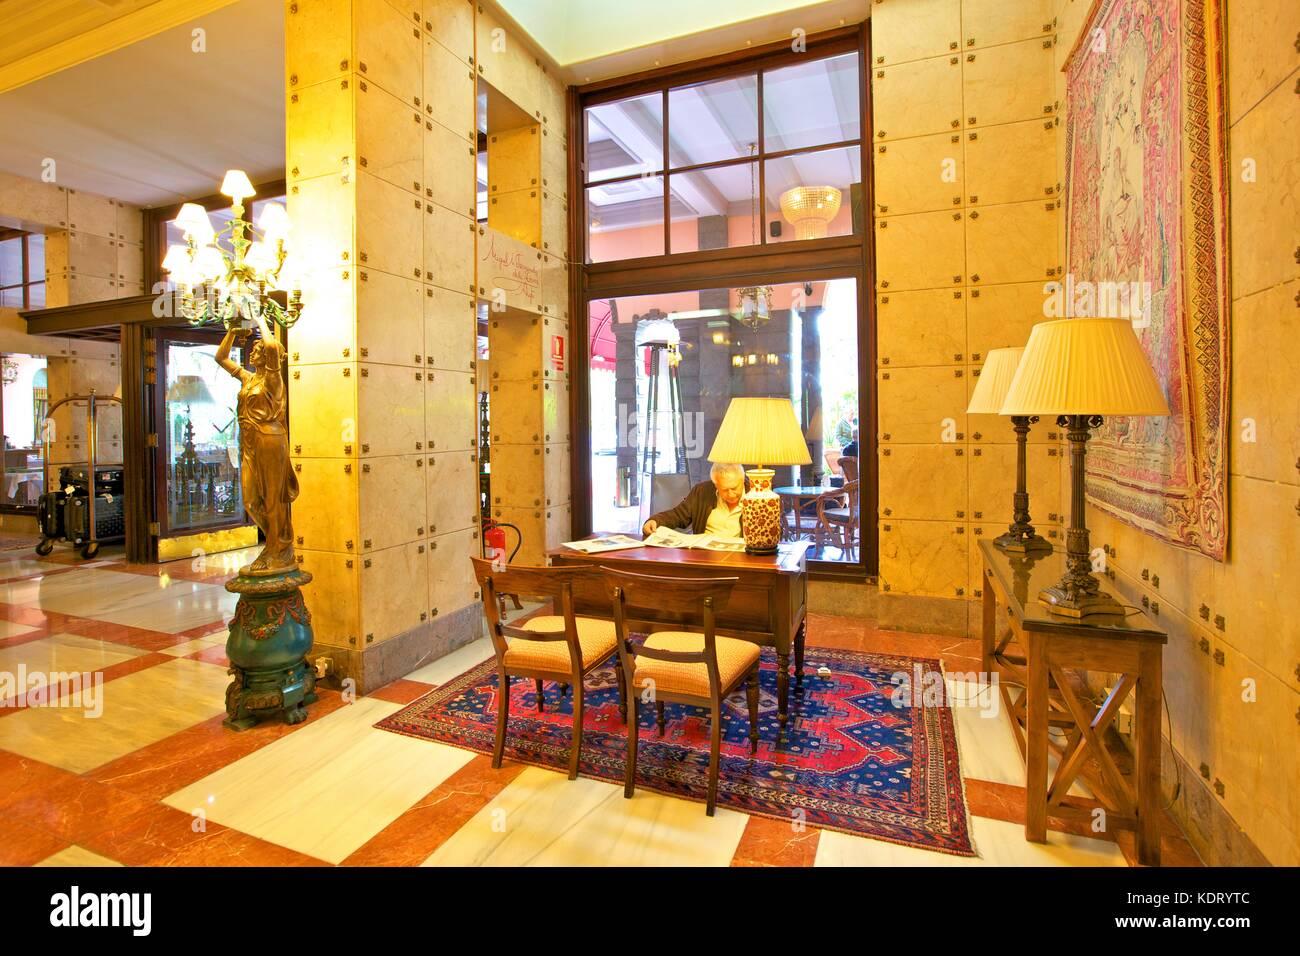 Hotel Santa Catalina Las Palmas Canary Islands